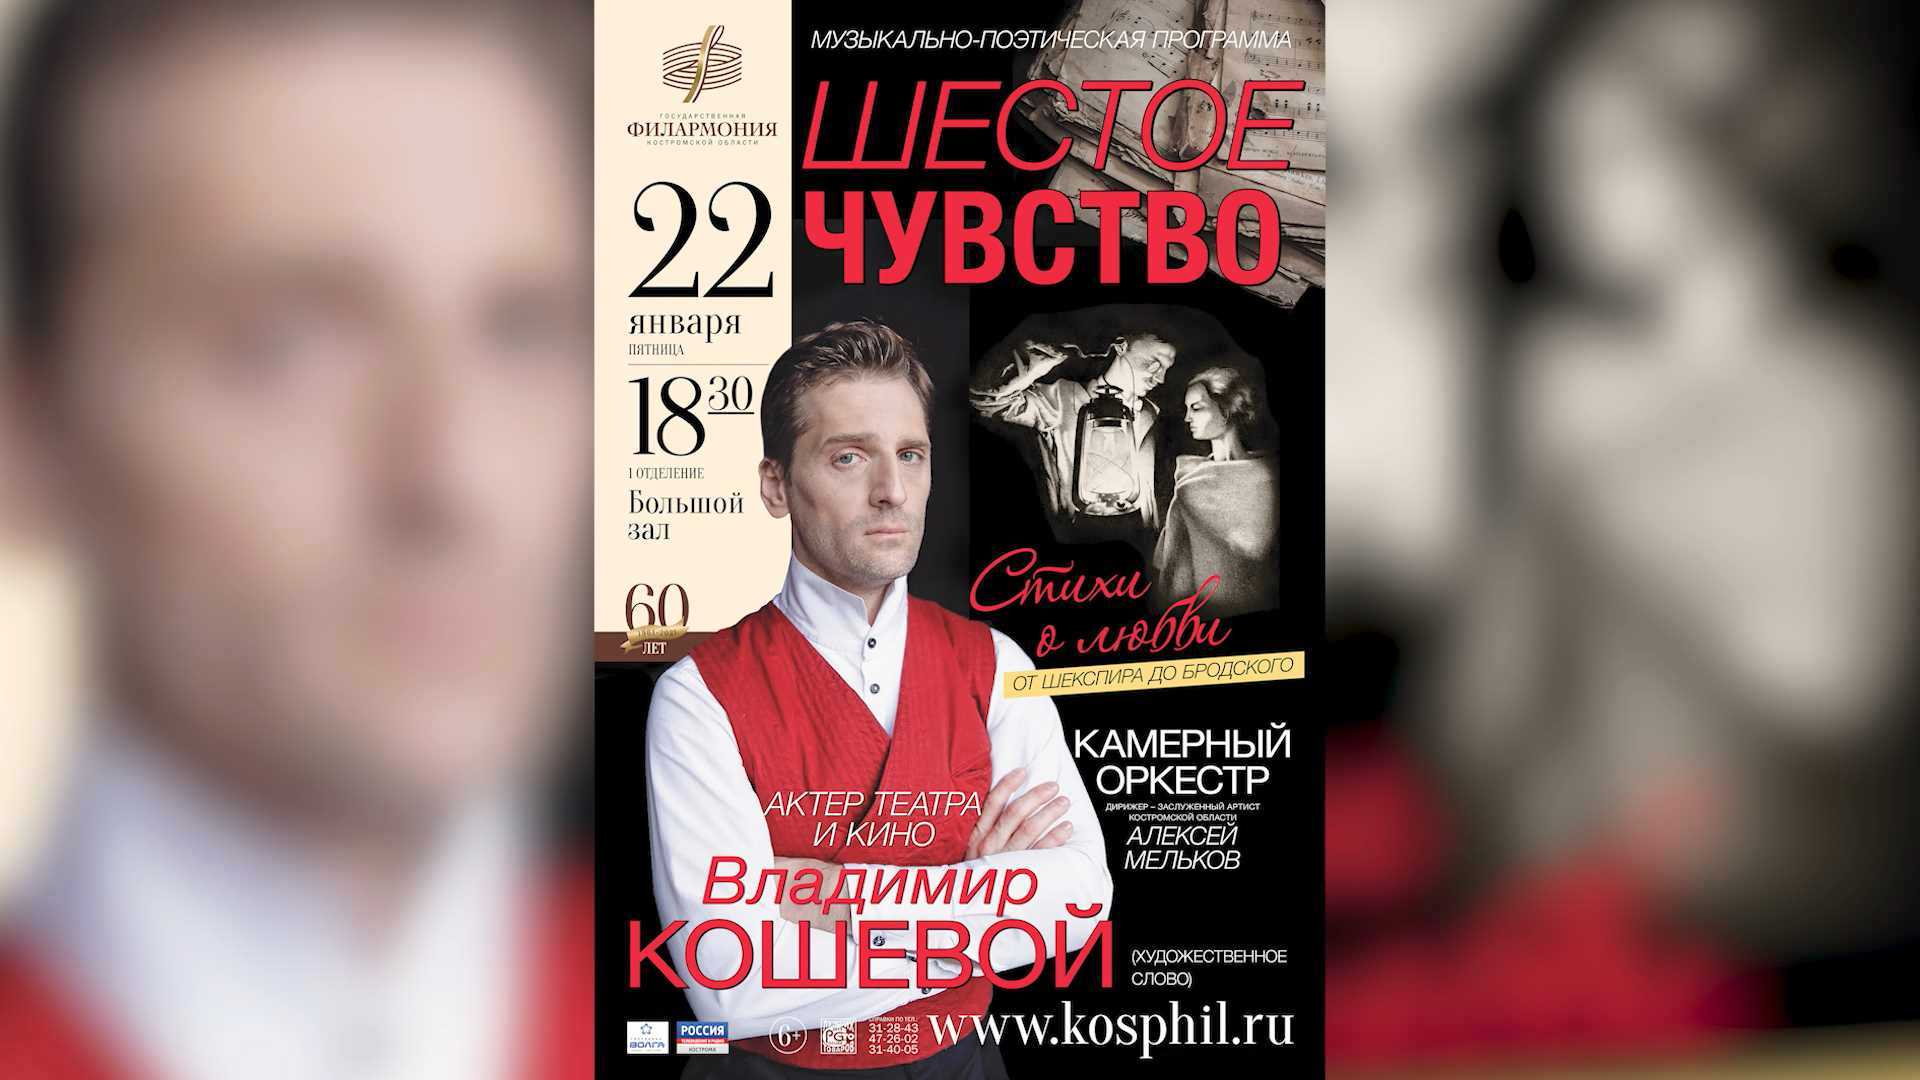 Слушателей Костромской филармонии ждёт вечер лирической поэзии